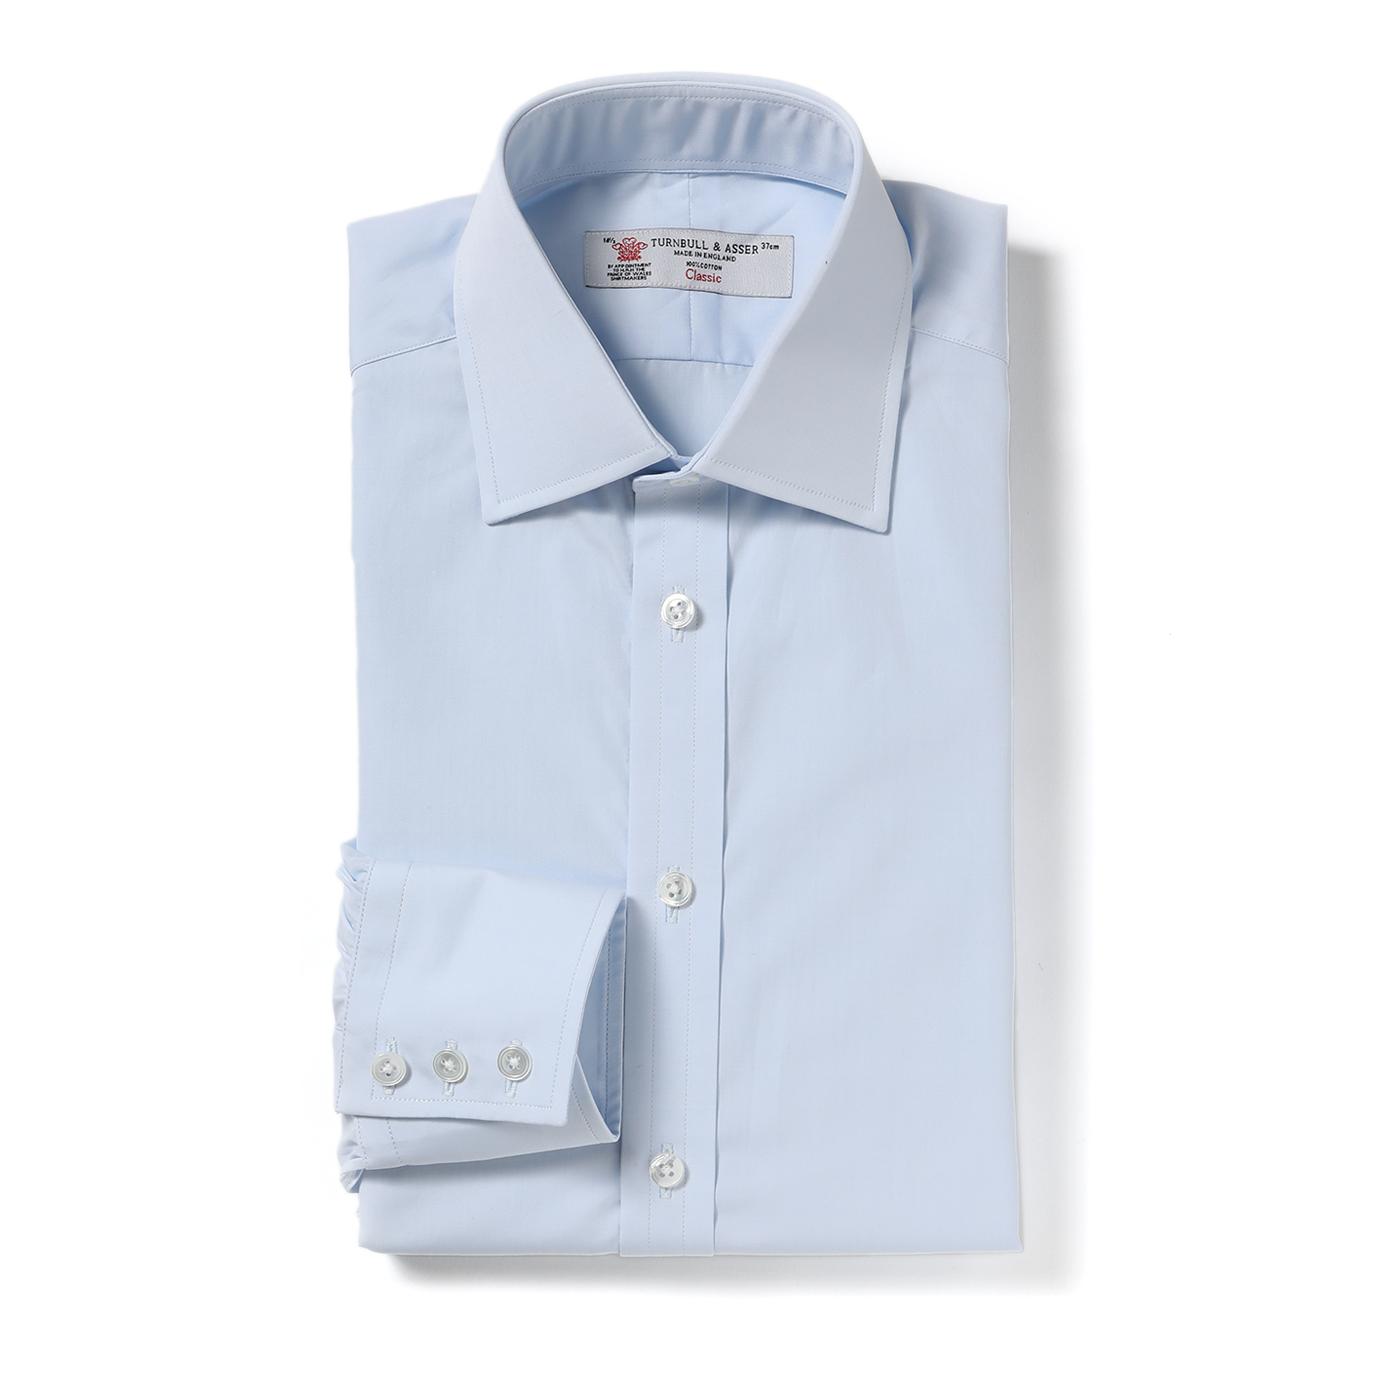 ターンブル&アッサー(Turnbull&Asser)のおすすめワイシャツ